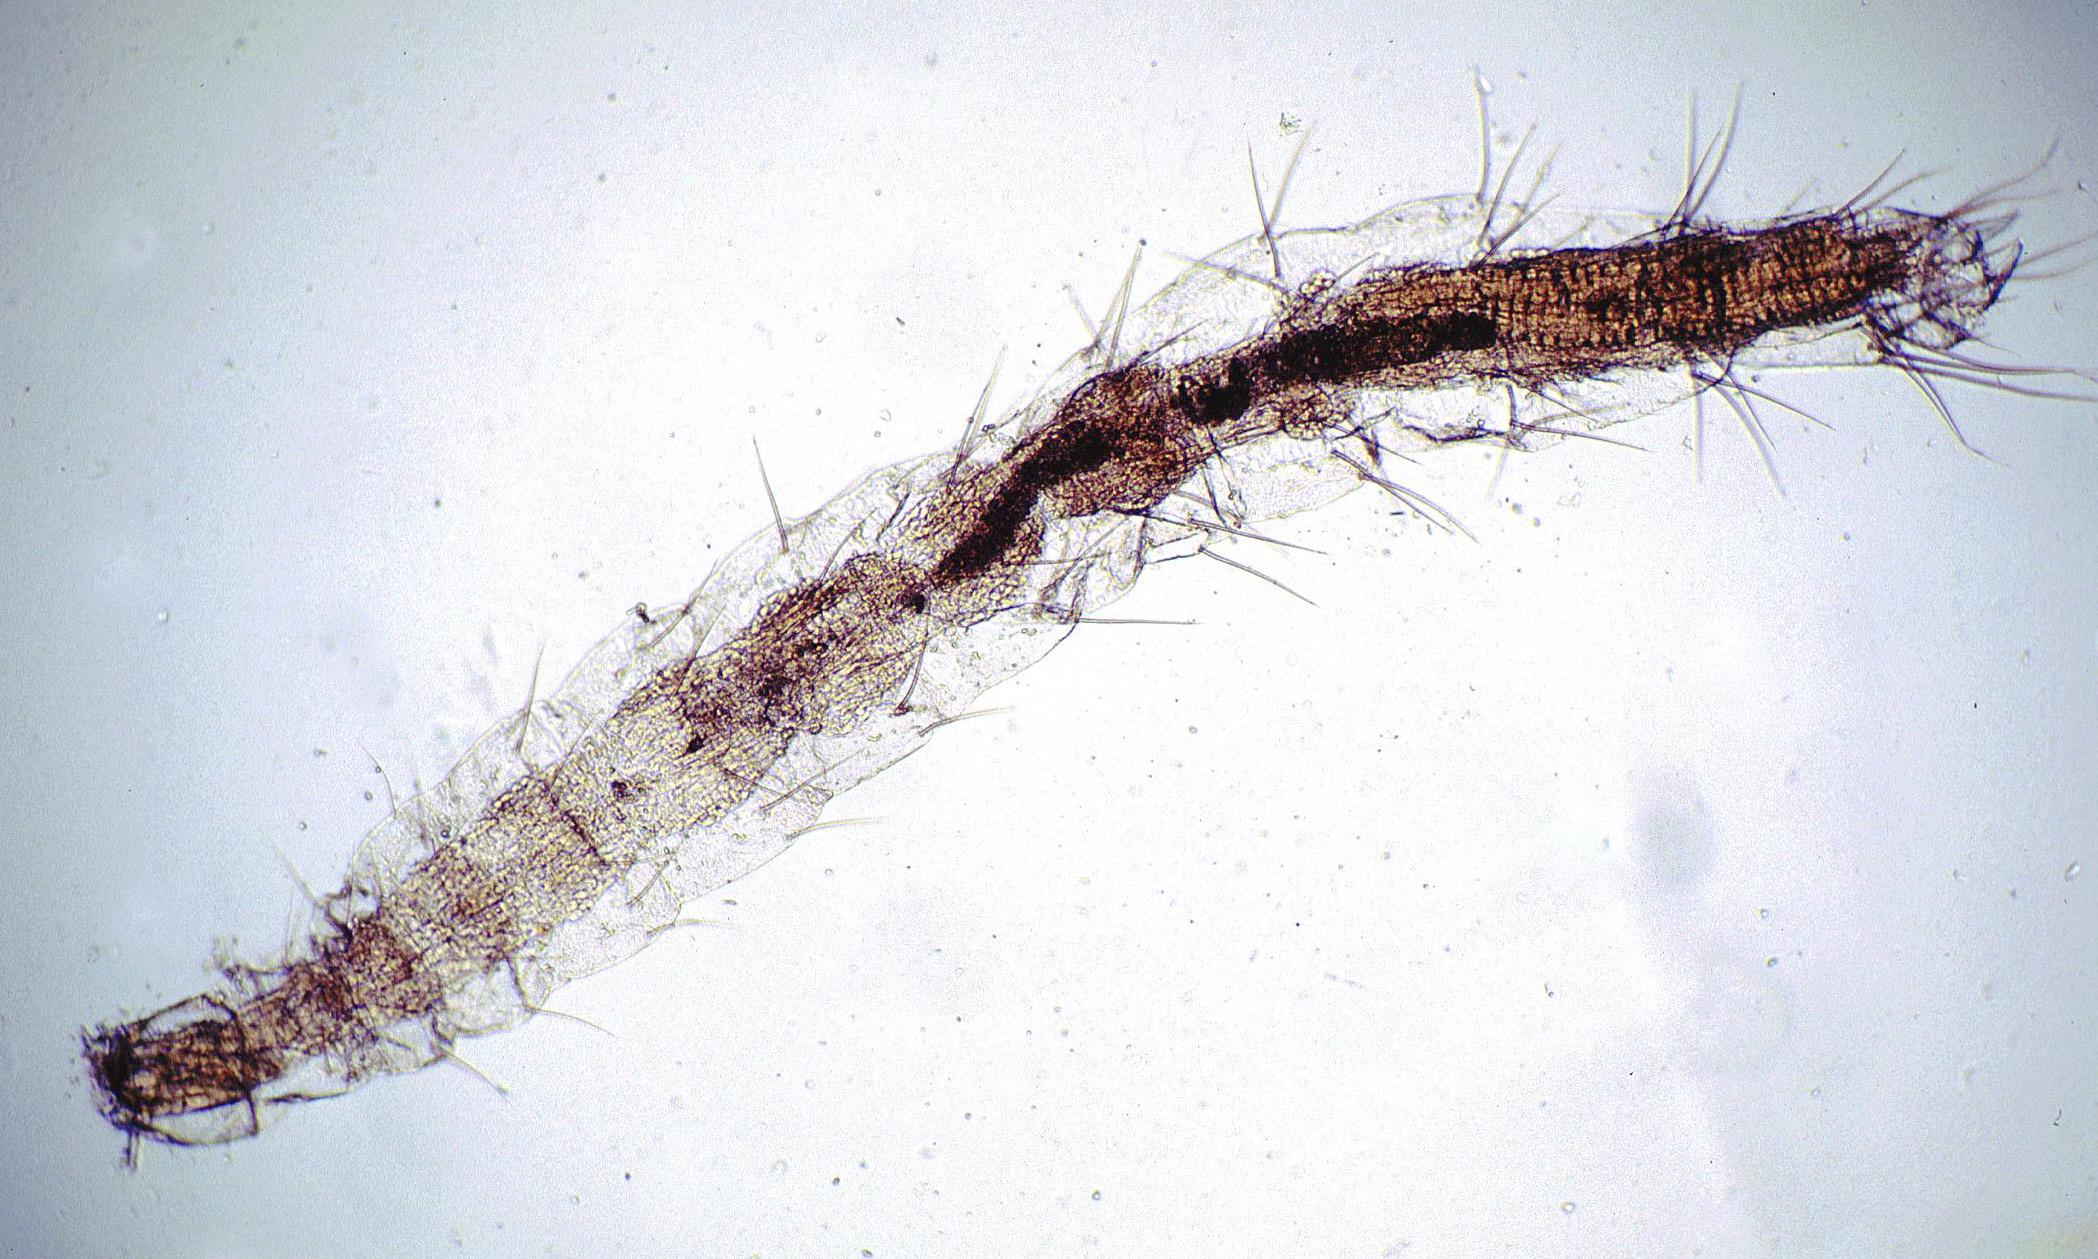 Flea Larvae On Dogs Ears